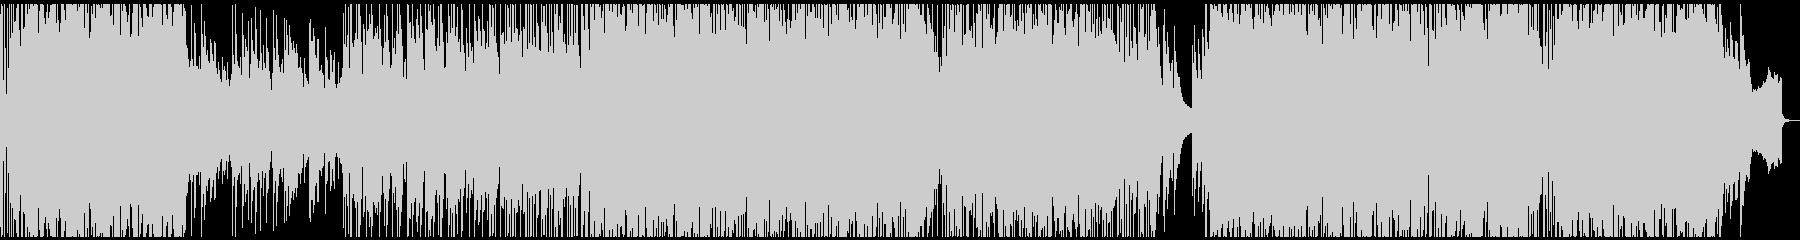 アコギがメインのさわやかポップスインストの未再生の波形